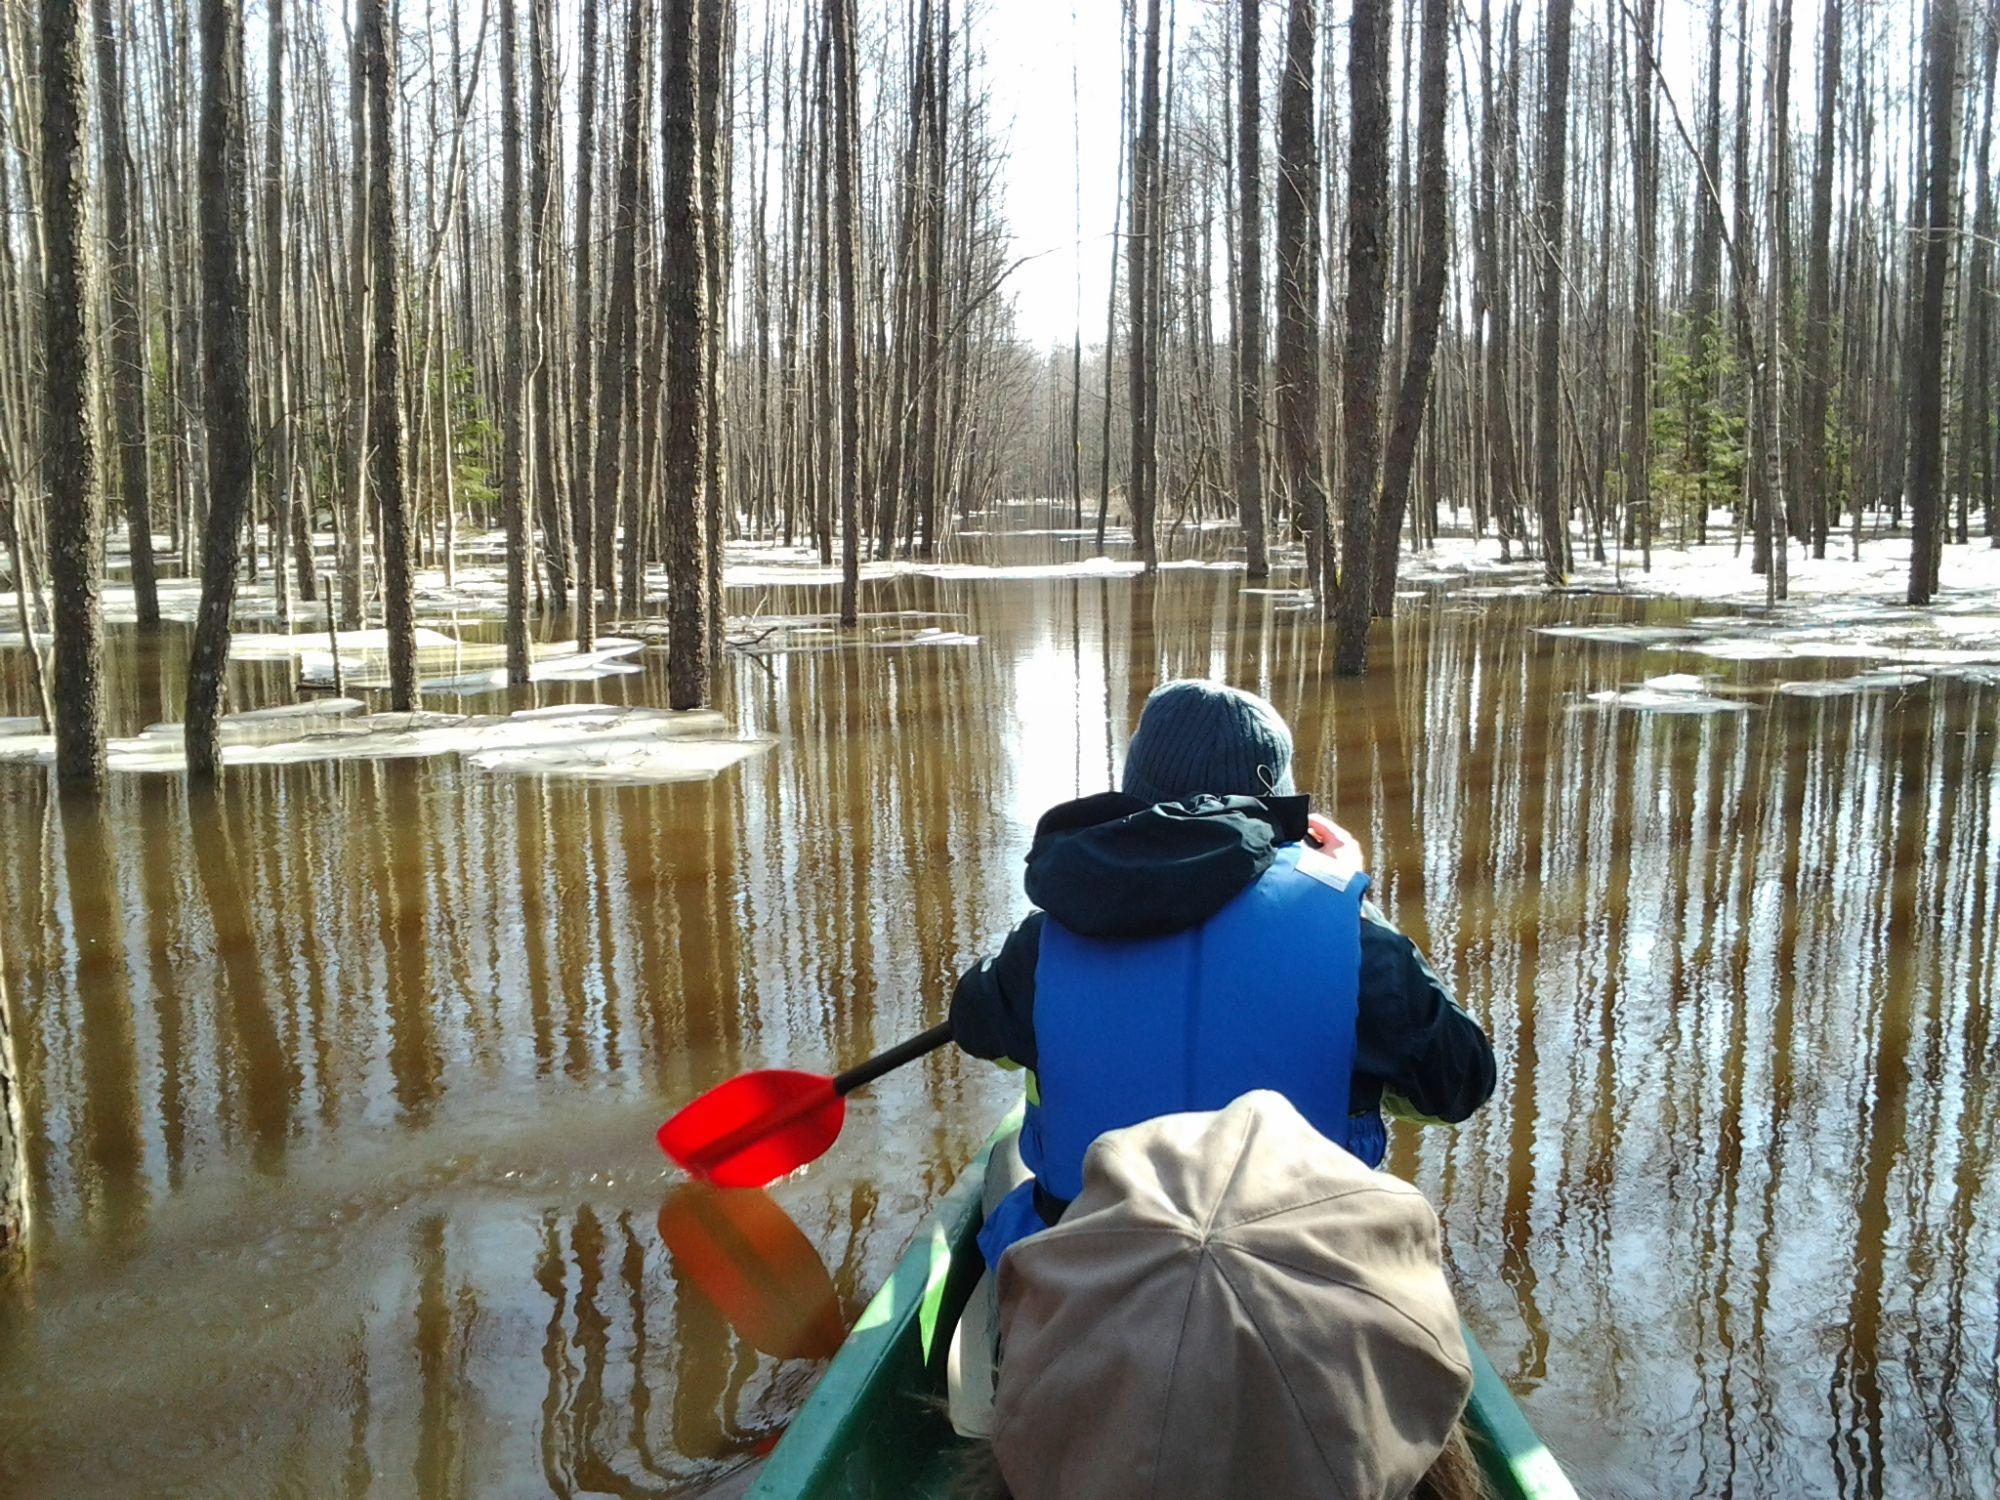 Kanuumatk Soomaa rahvuspargi üleujutusalal. Aivar Ruukel